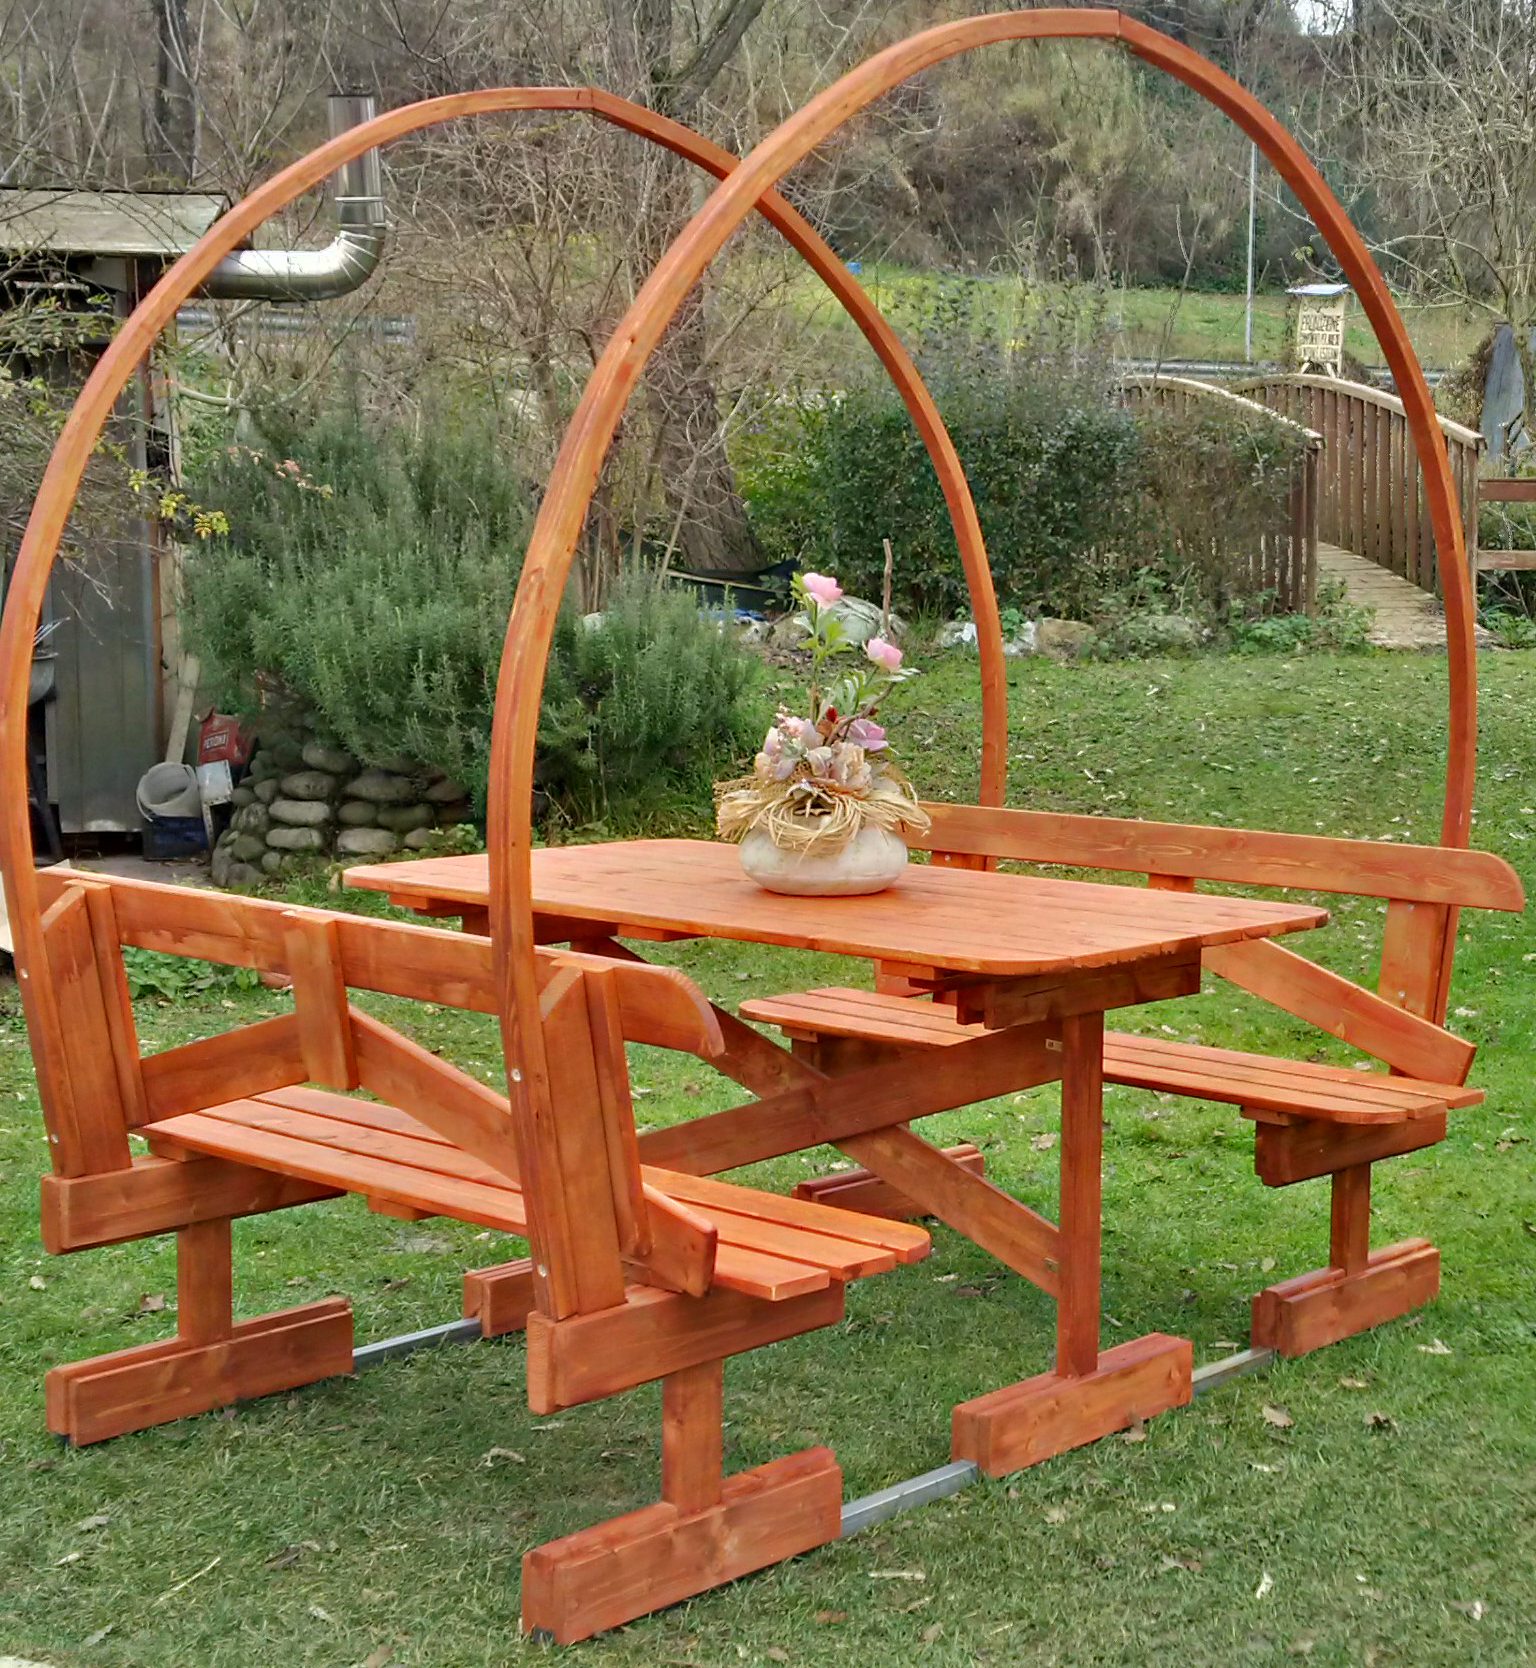 Tavoli per l'esterno in legno : Tavolo in legno con ...